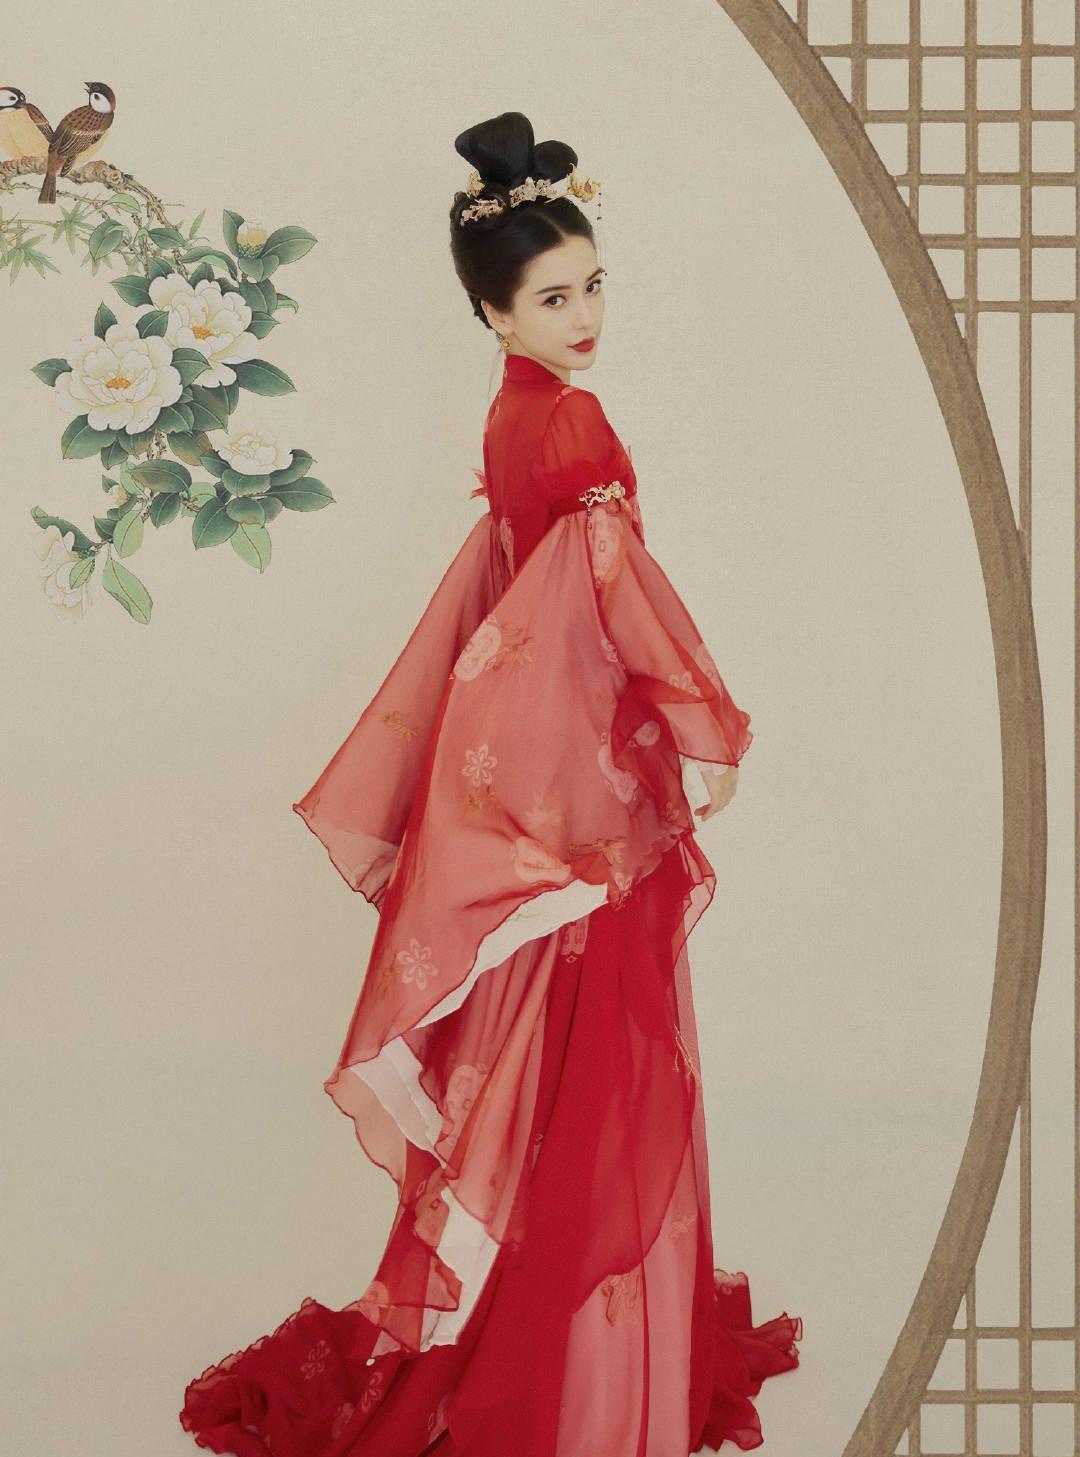 angelababy红衣惊艳古装造型照片 杨颖金簪红衣造型美吗?